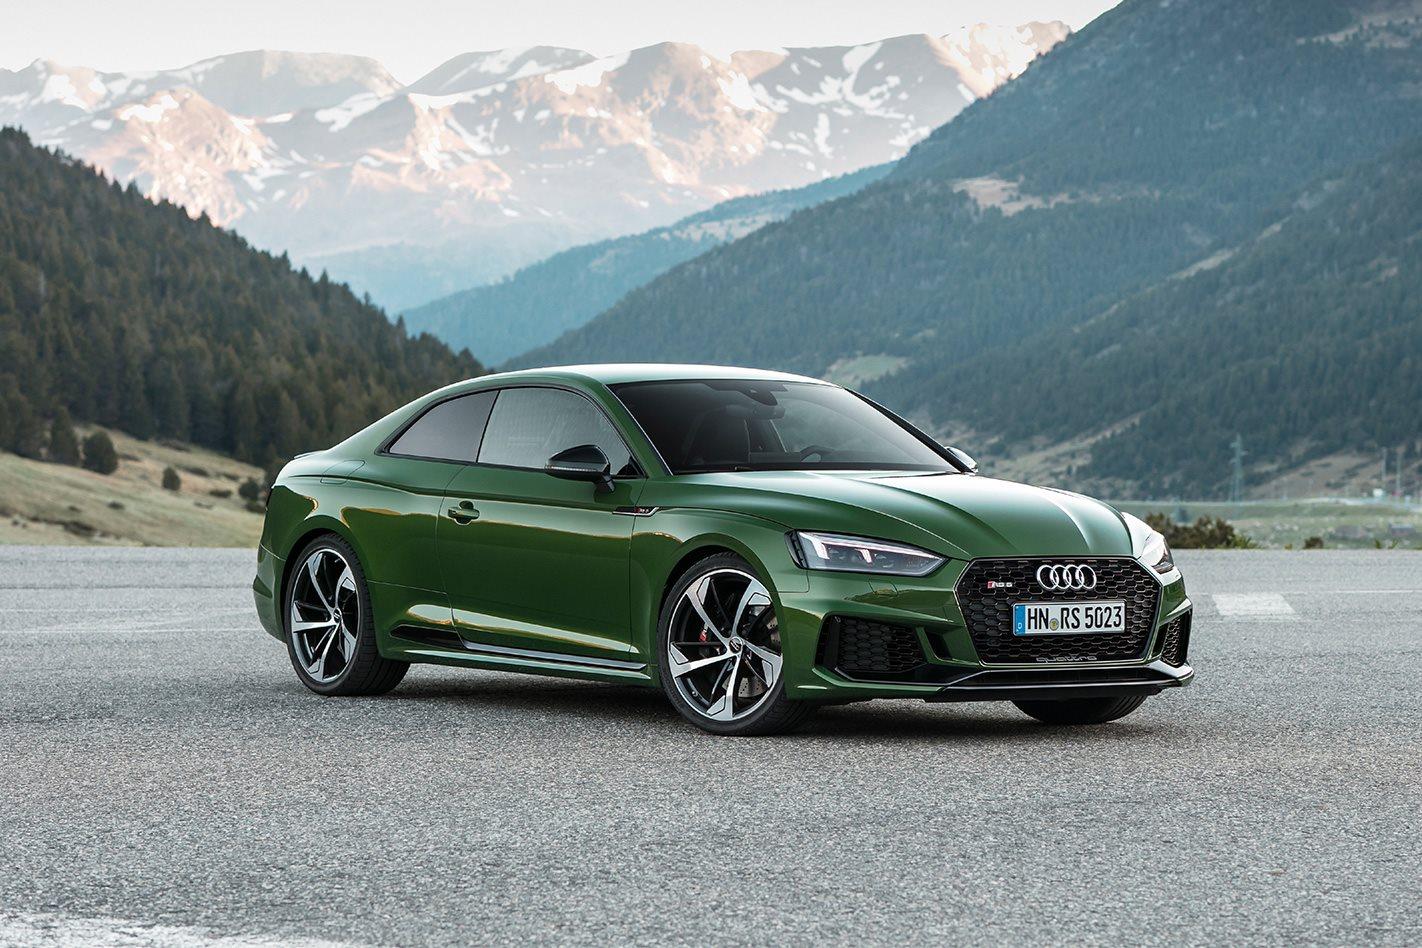 Kelebihan Audi Rs5 2018 Murah Berkualitas